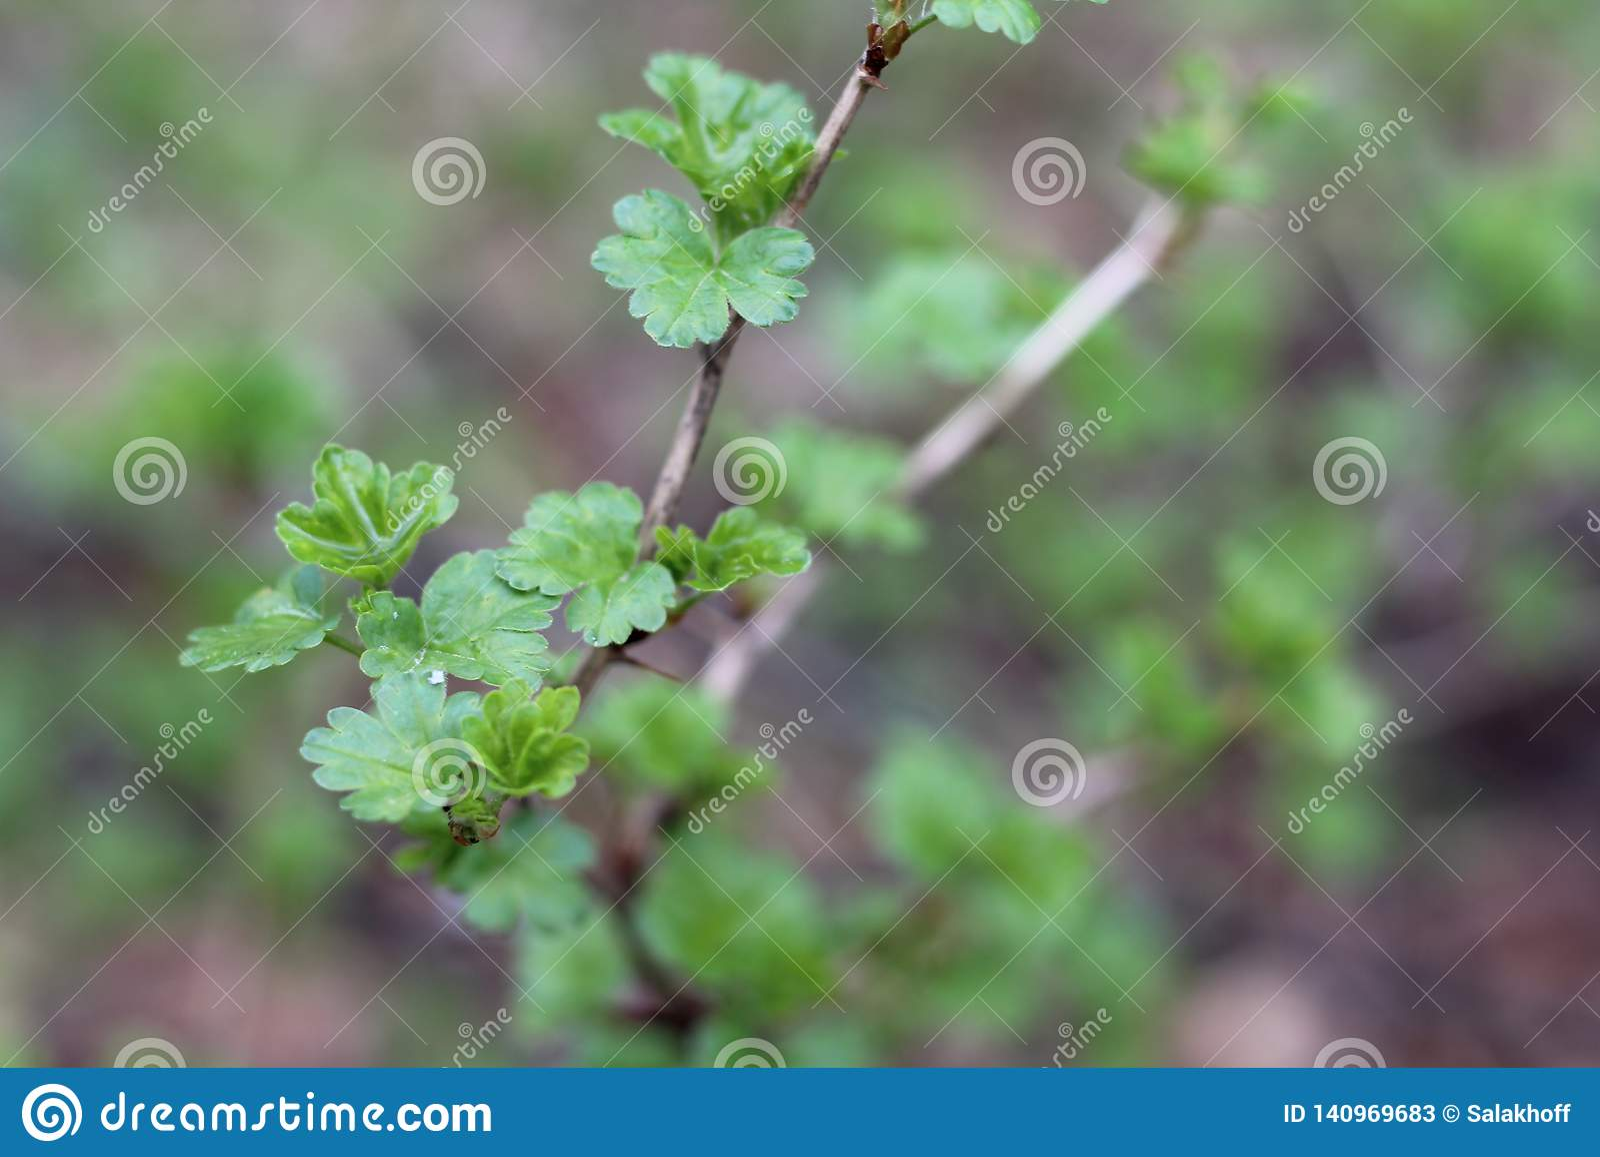 Jeunes feuilles vertes sur les branches des arbustes au printemps, plan rapproché, avec un fond brouillé